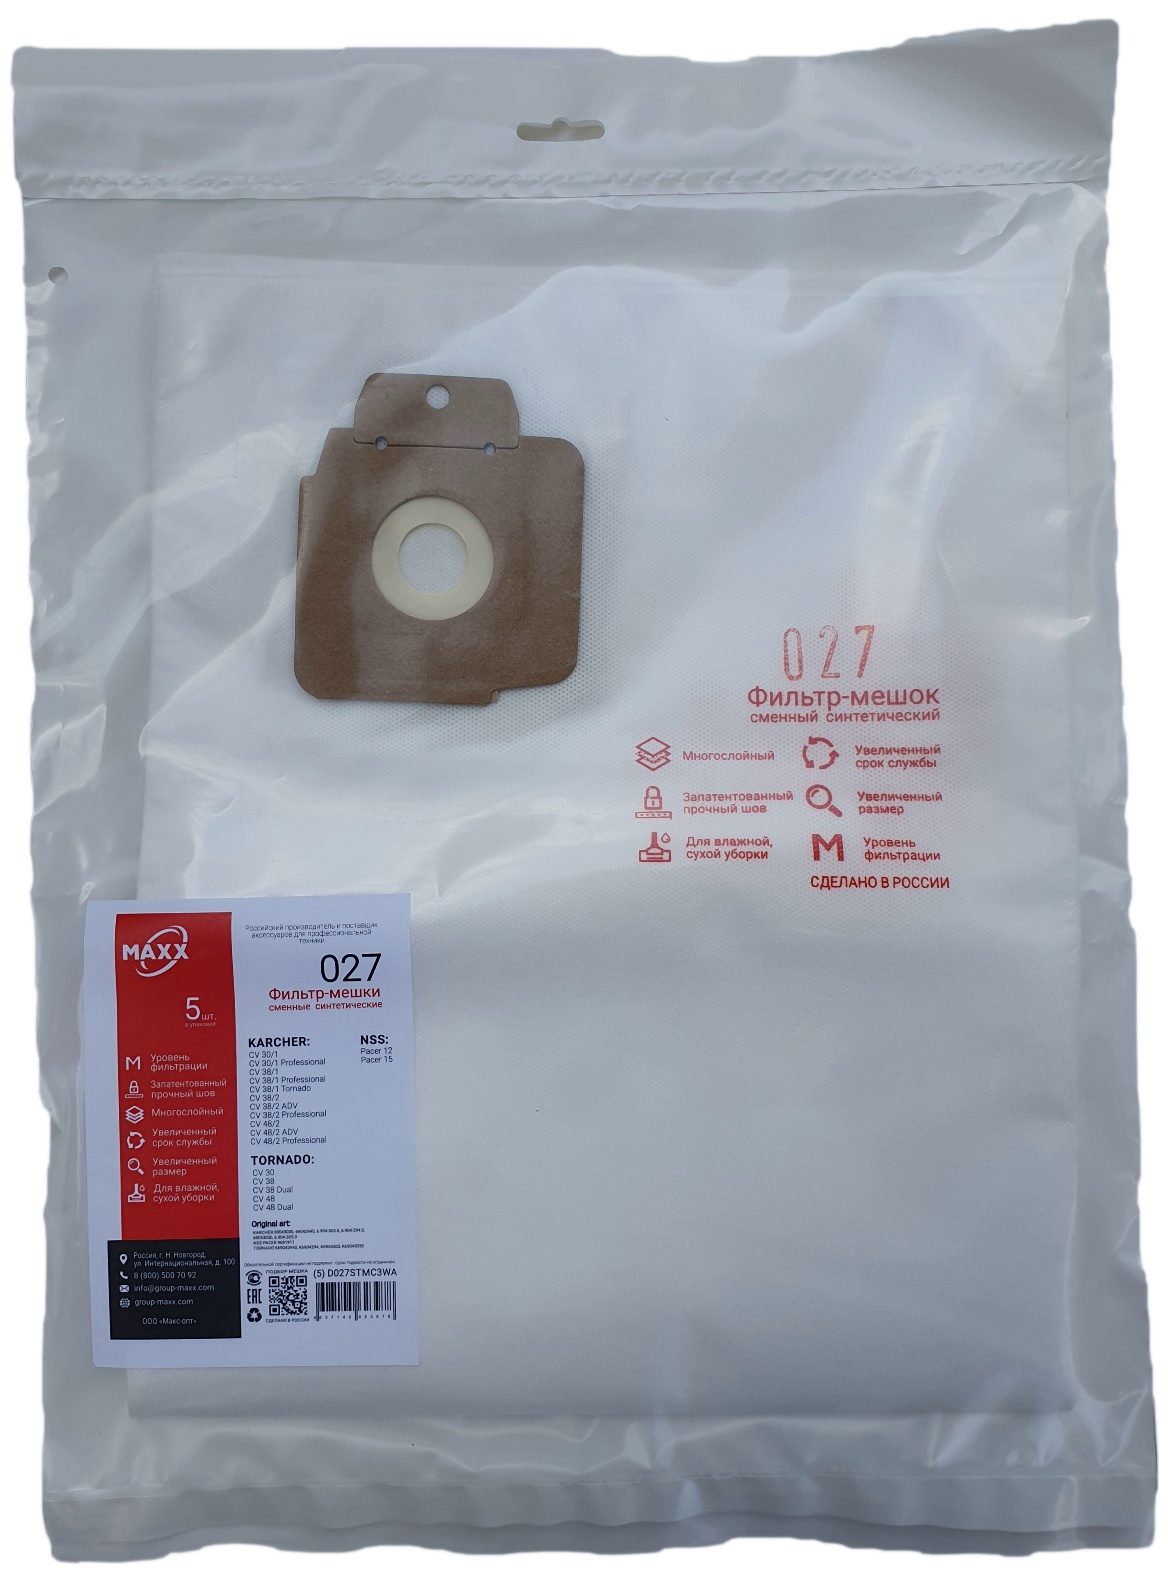 Пылесборник MAXX 027 пылесборник maxx 020r